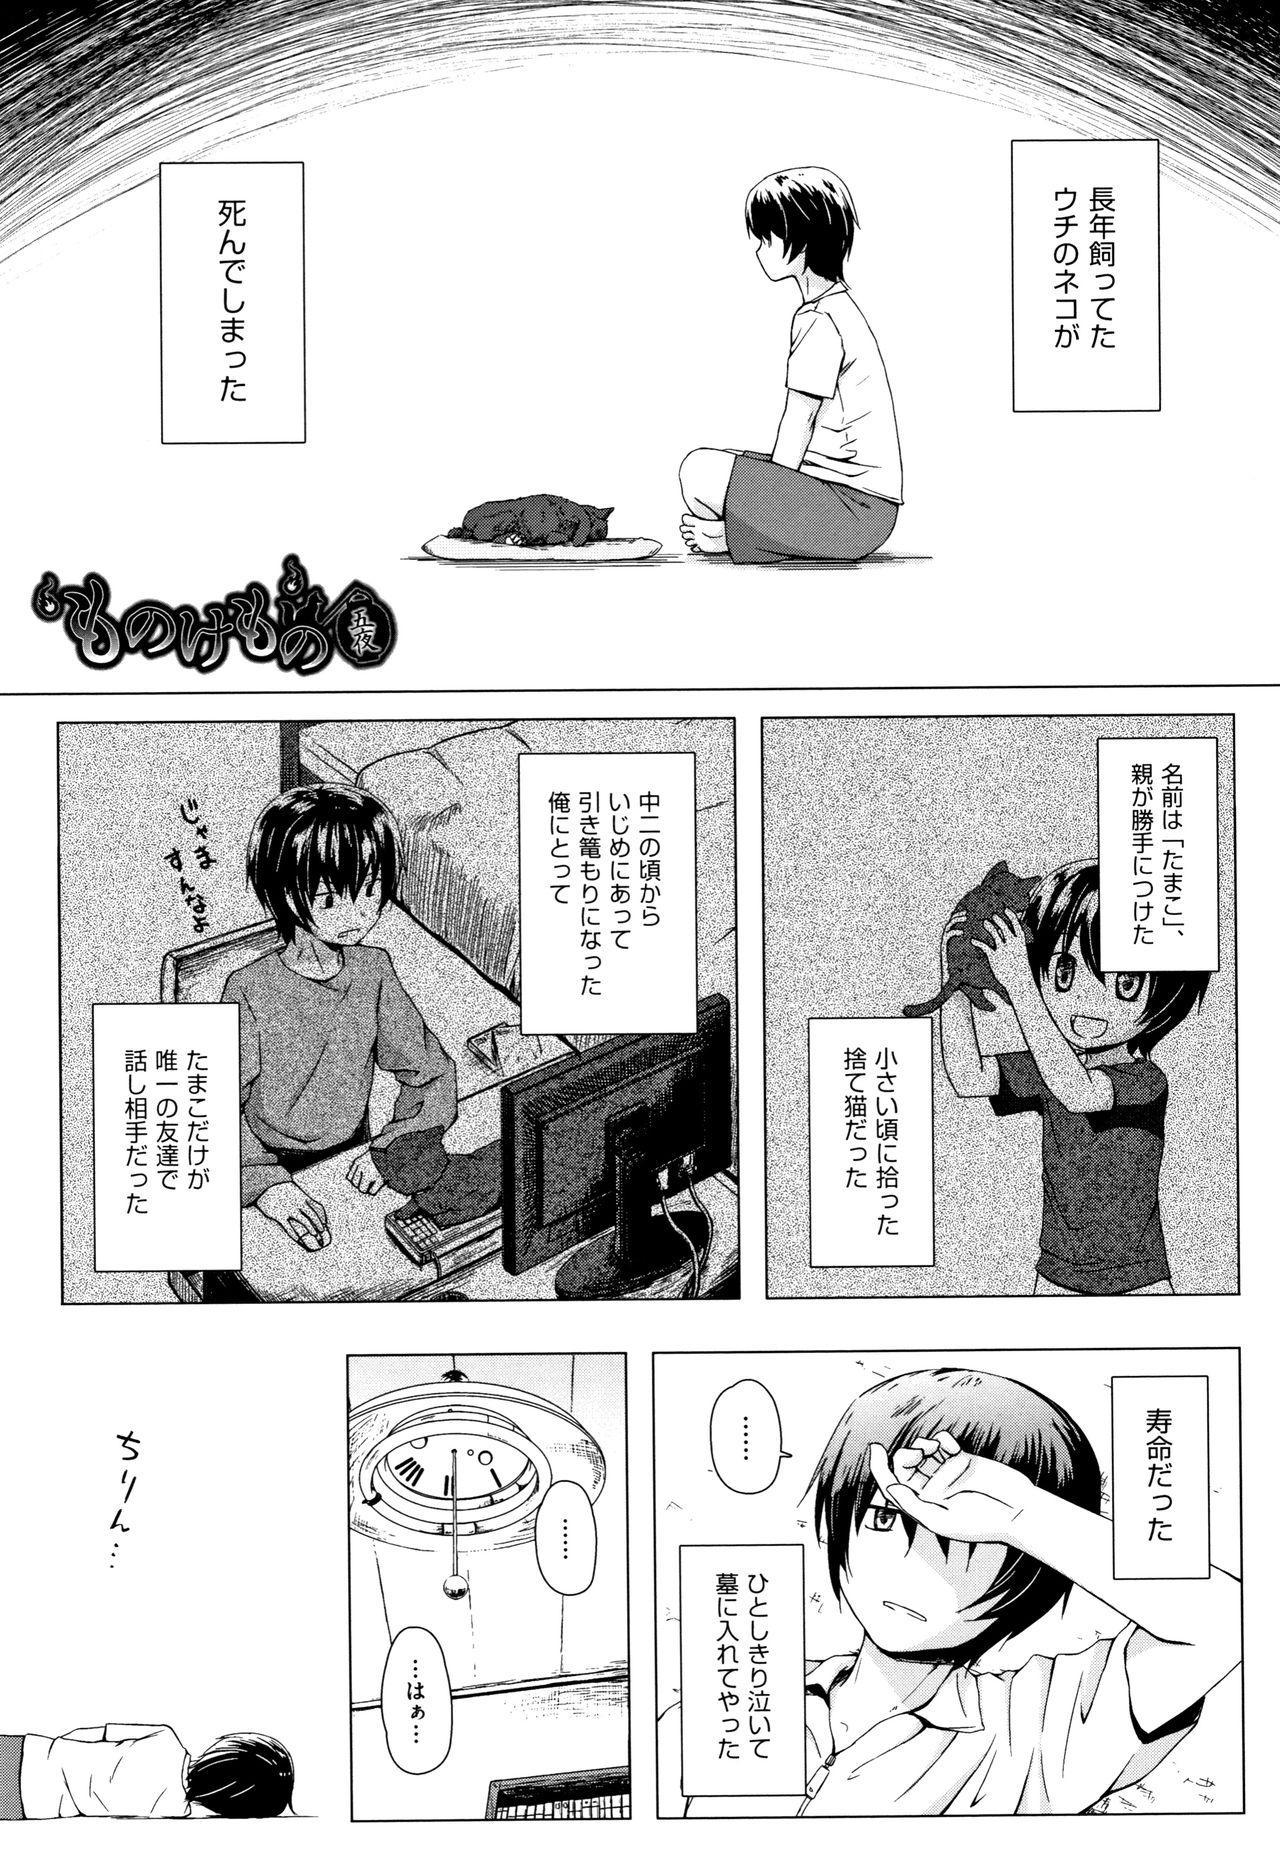 Monokemono 93